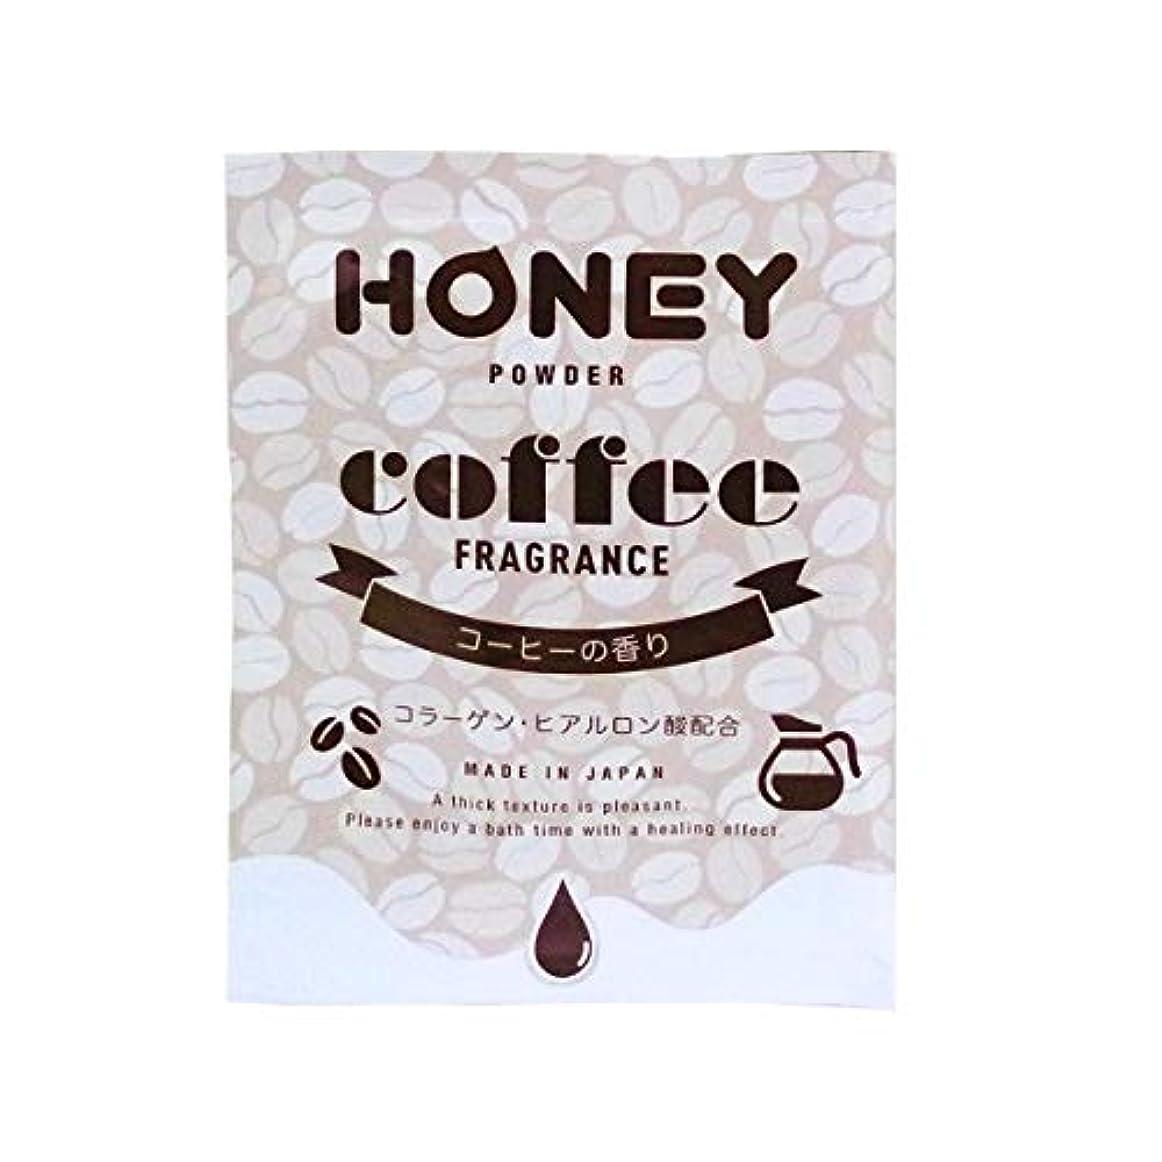 栄光刃漁師とろとろ入浴剤【honey powder】(ハニーパウダー) コーヒーの香り 粉末タイプ ローション